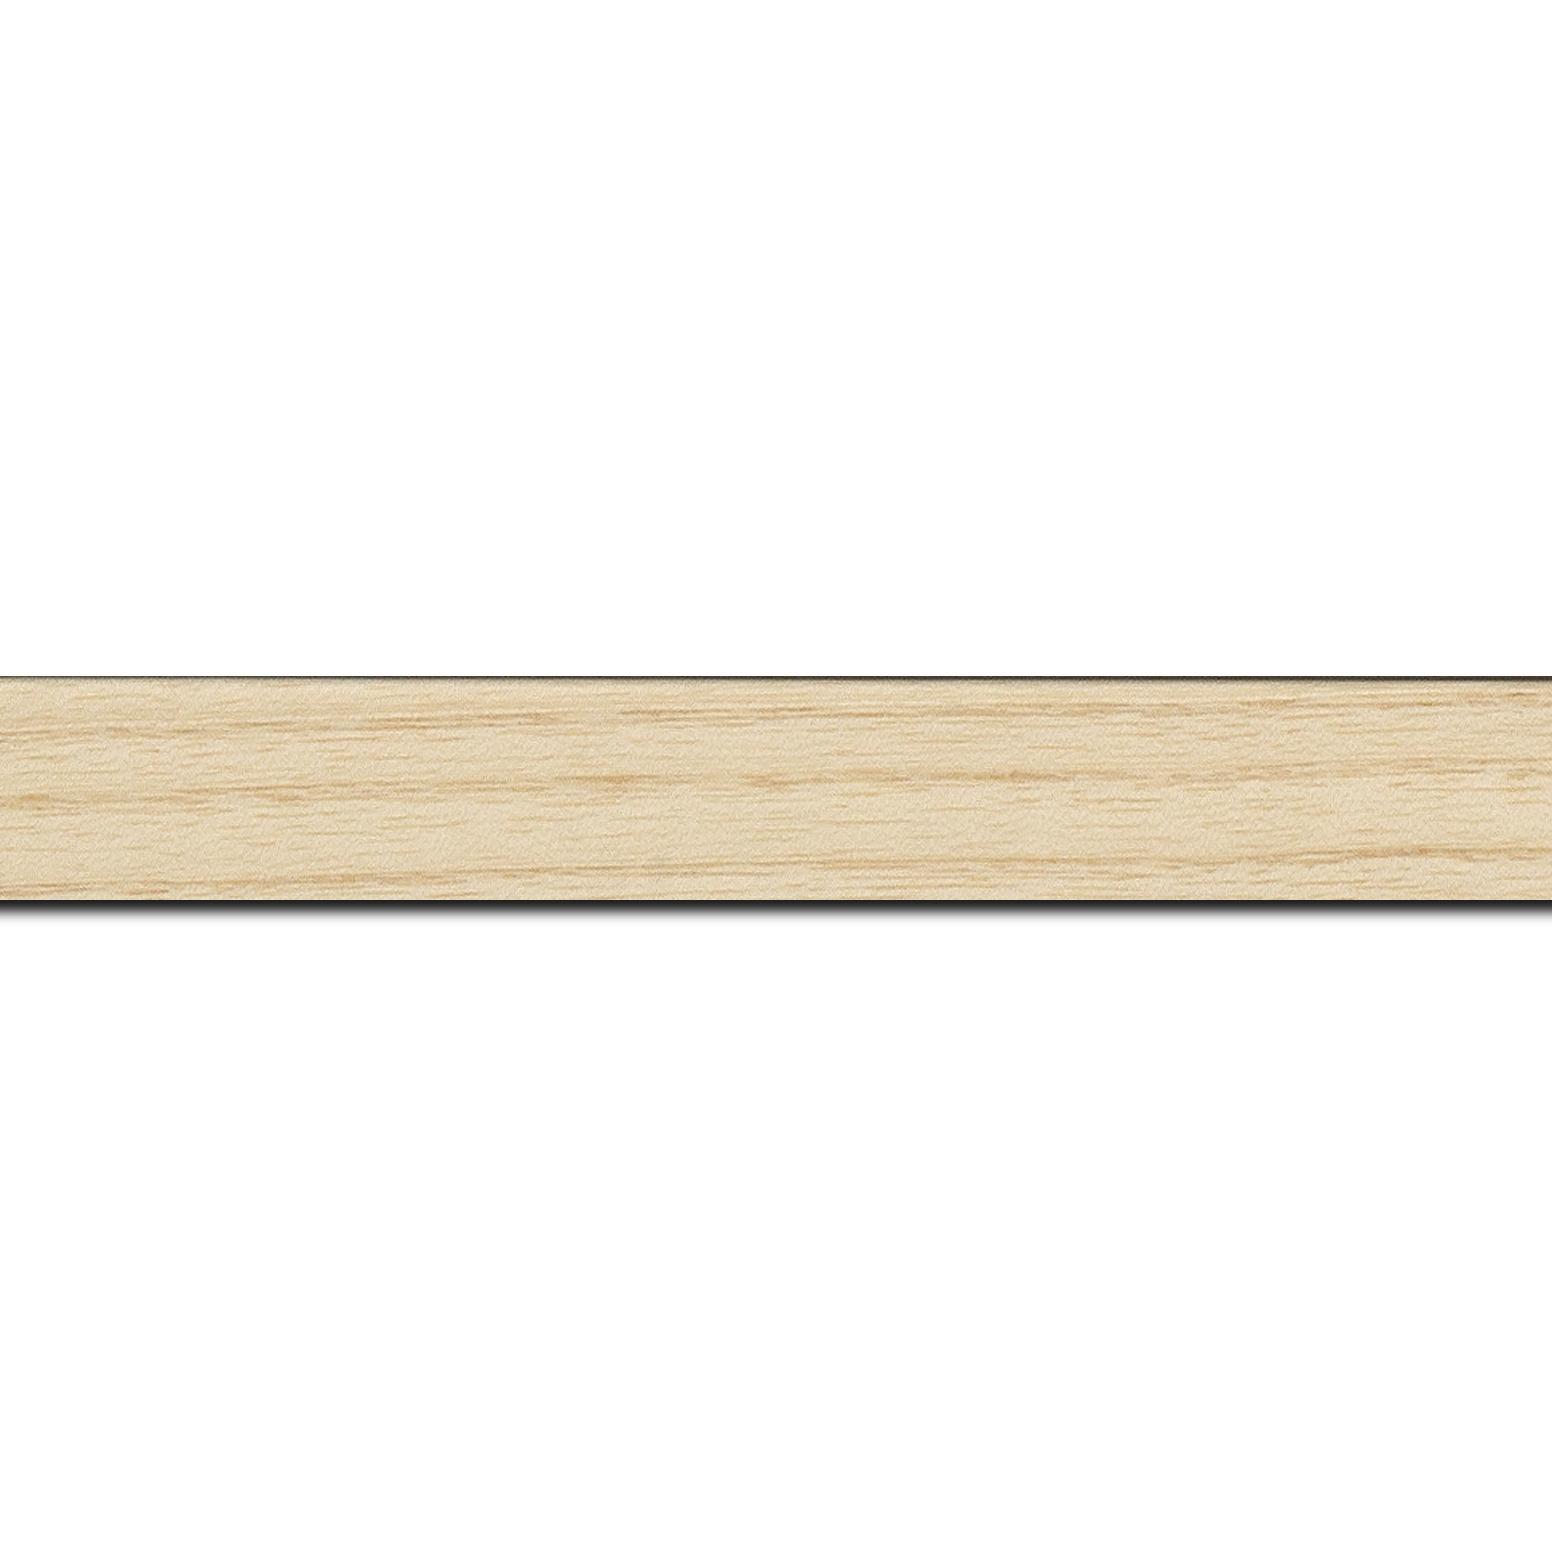 Pack par 12m, bois profil plat largeur 2.1cm hauteur 3.1cm plaquage haut de gamme frêne naturel(longueur baguette pouvant varier entre 2.40m et 3m selon arrivage des bois)